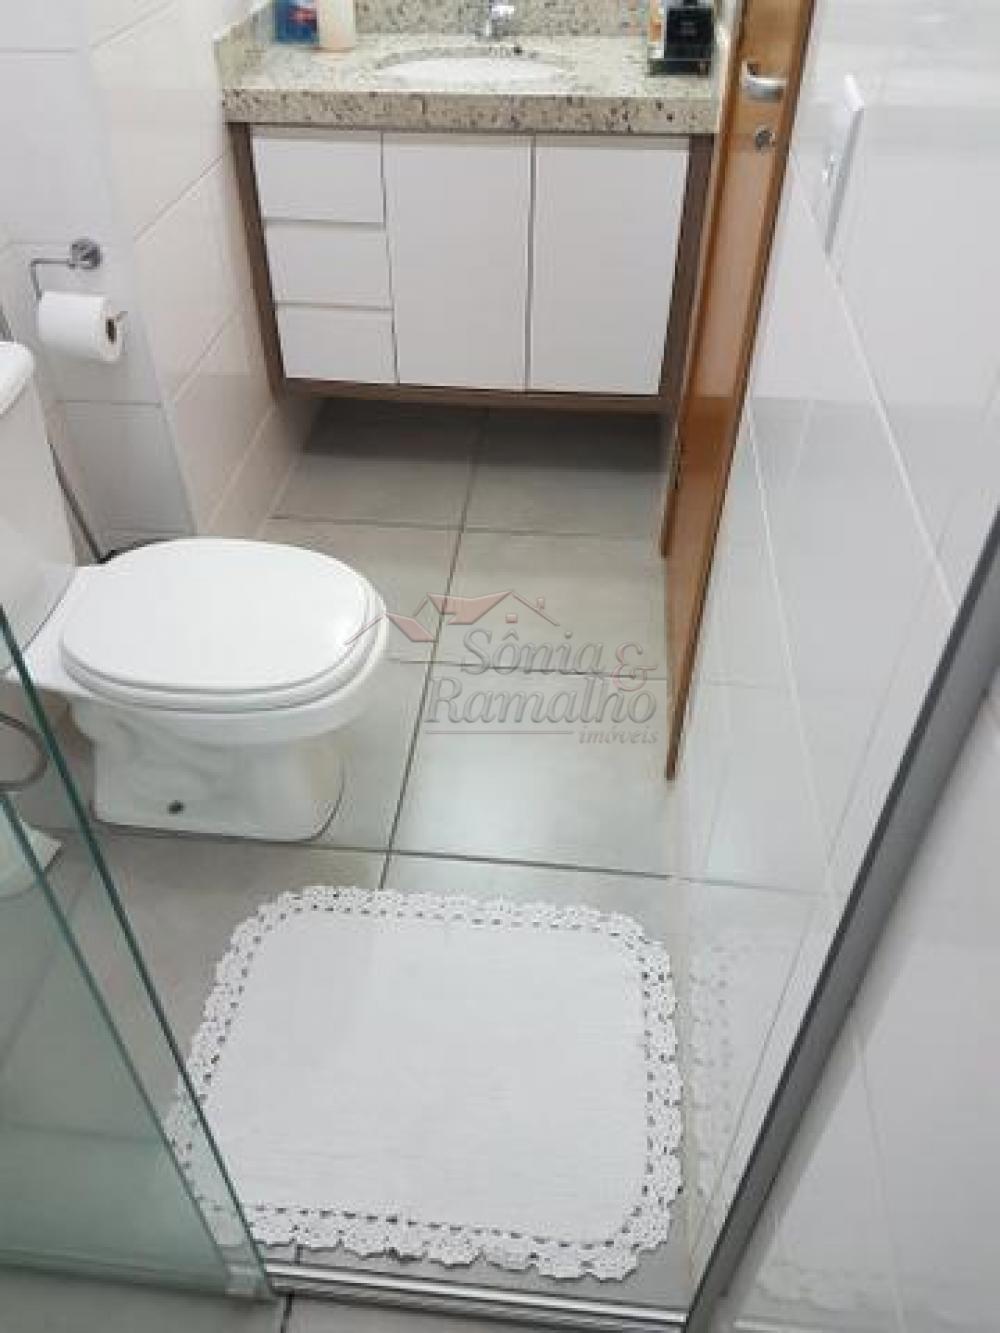 Comprar Apartamentos / Padrão em Ribeirão Preto apenas R$ 300.000,00 - Foto 15